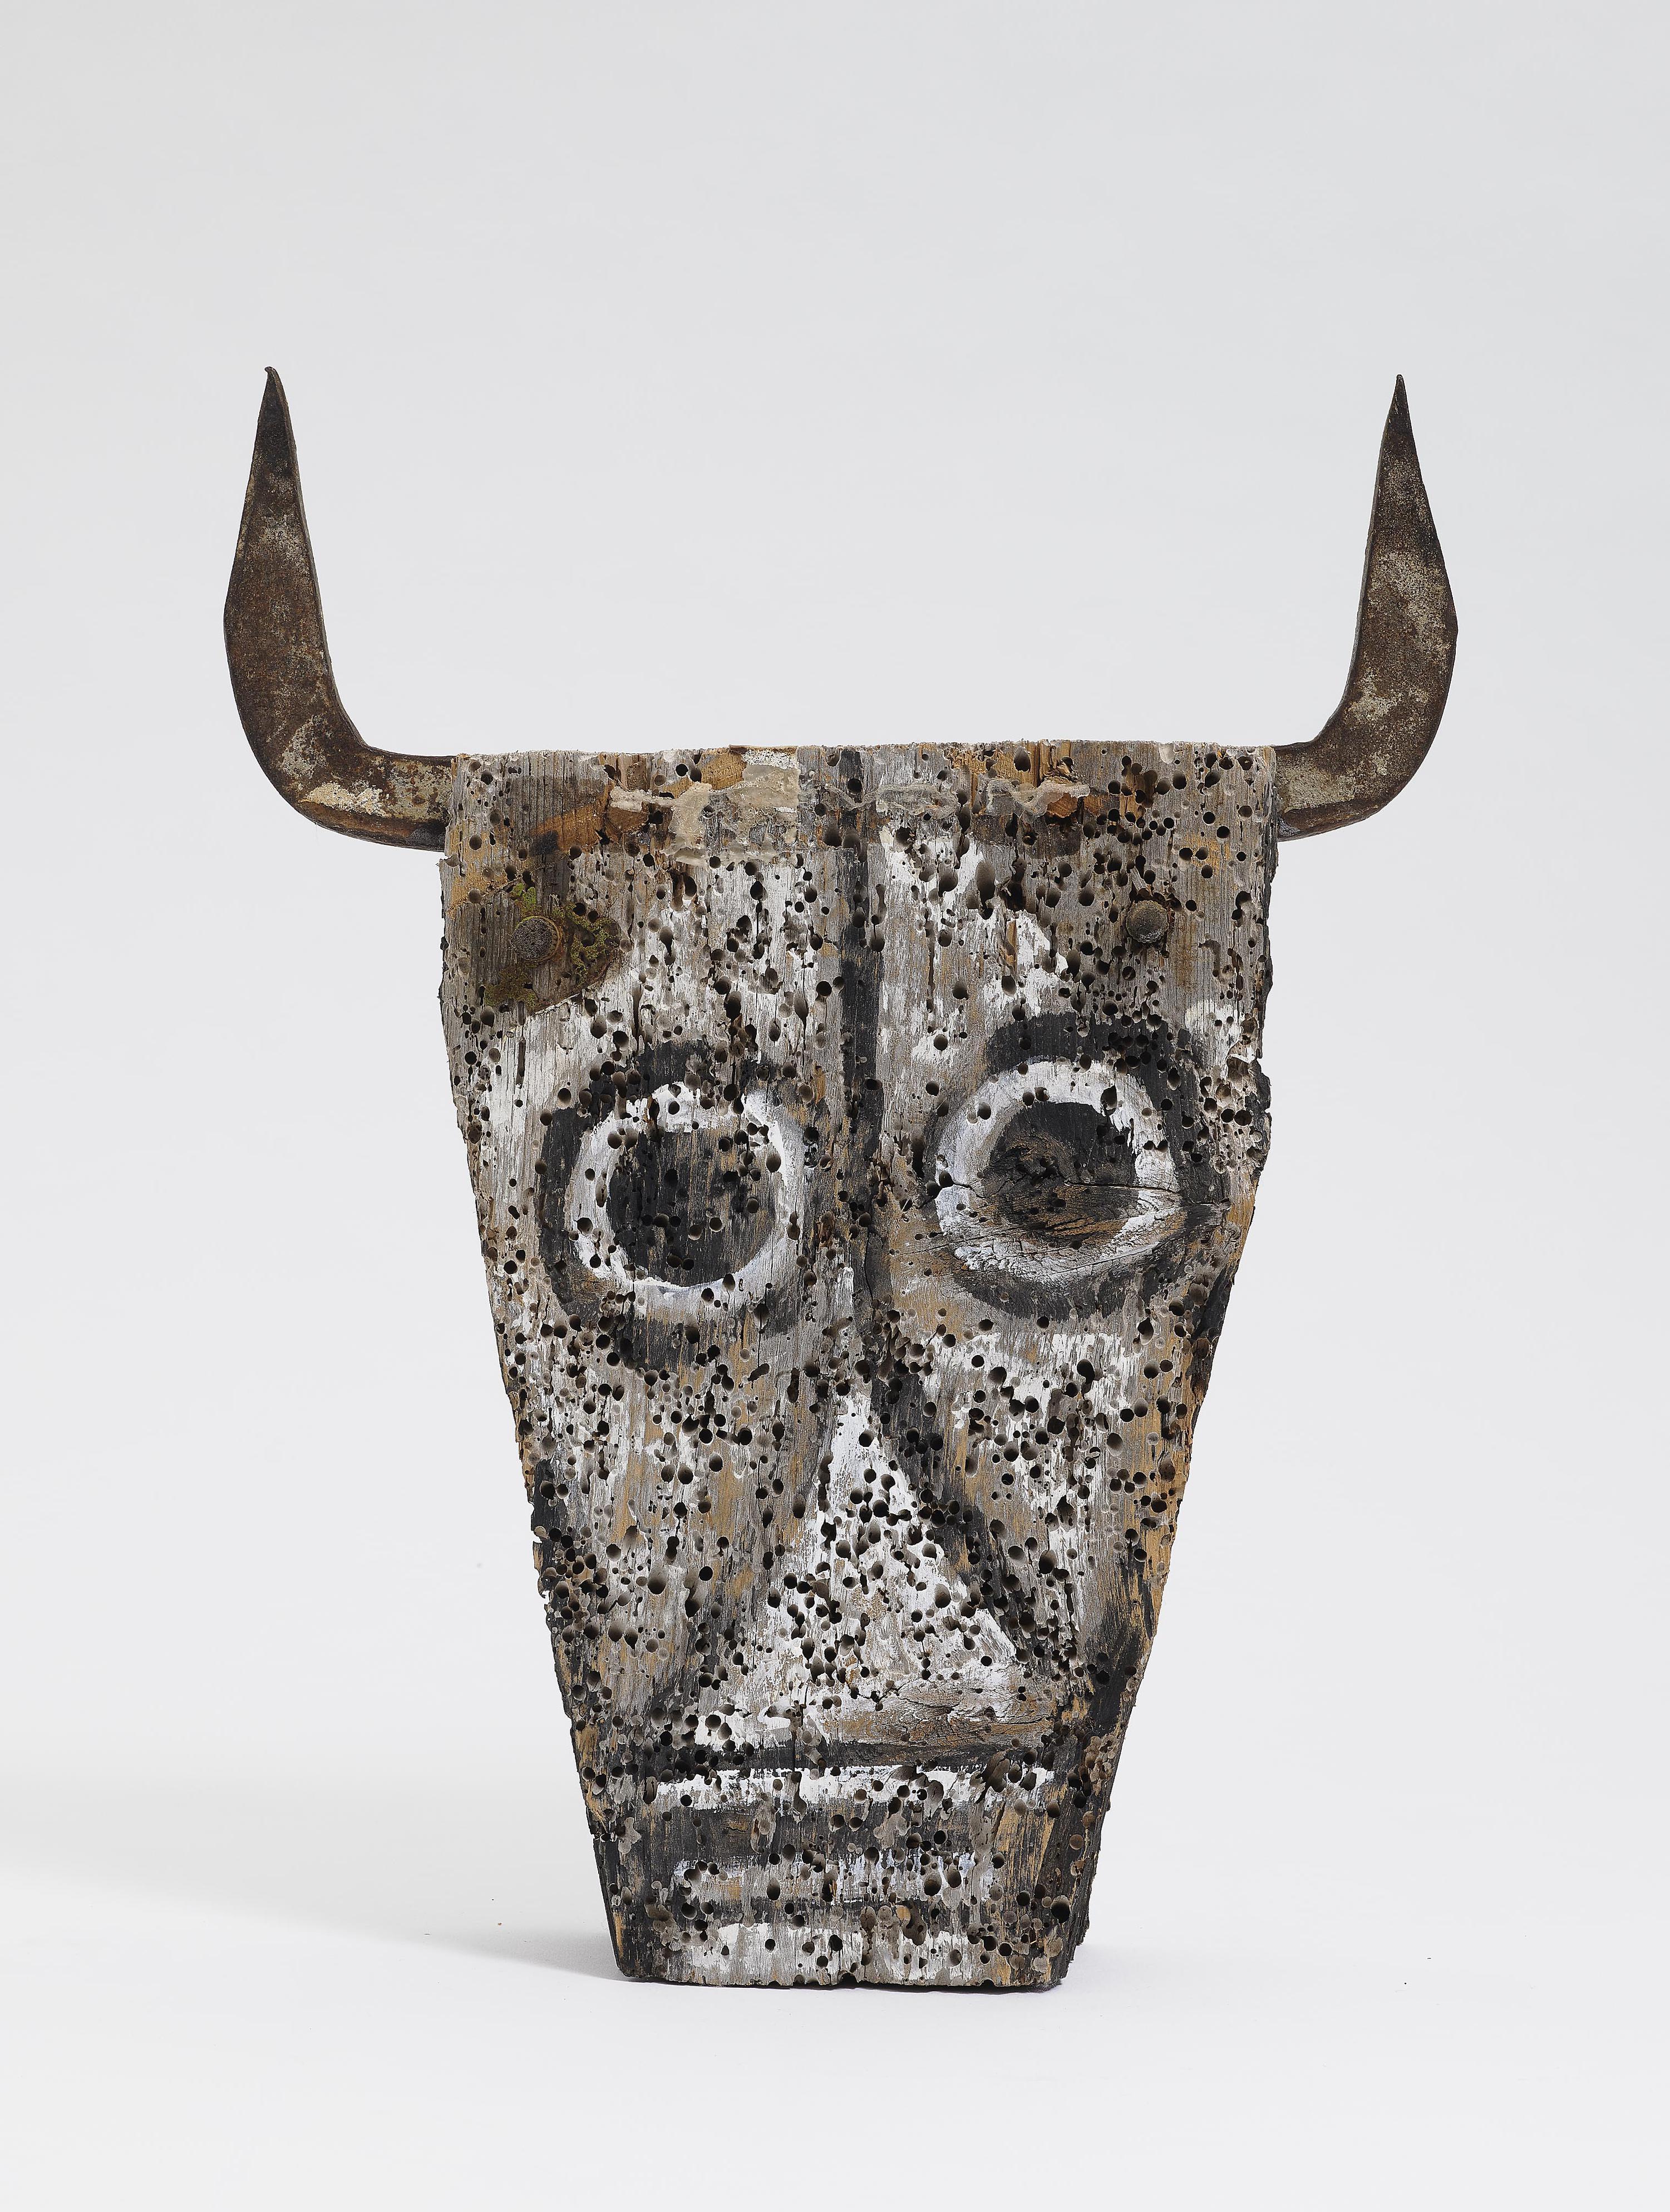 Dieter Noss-Stierkopf (Bull Head)-2017